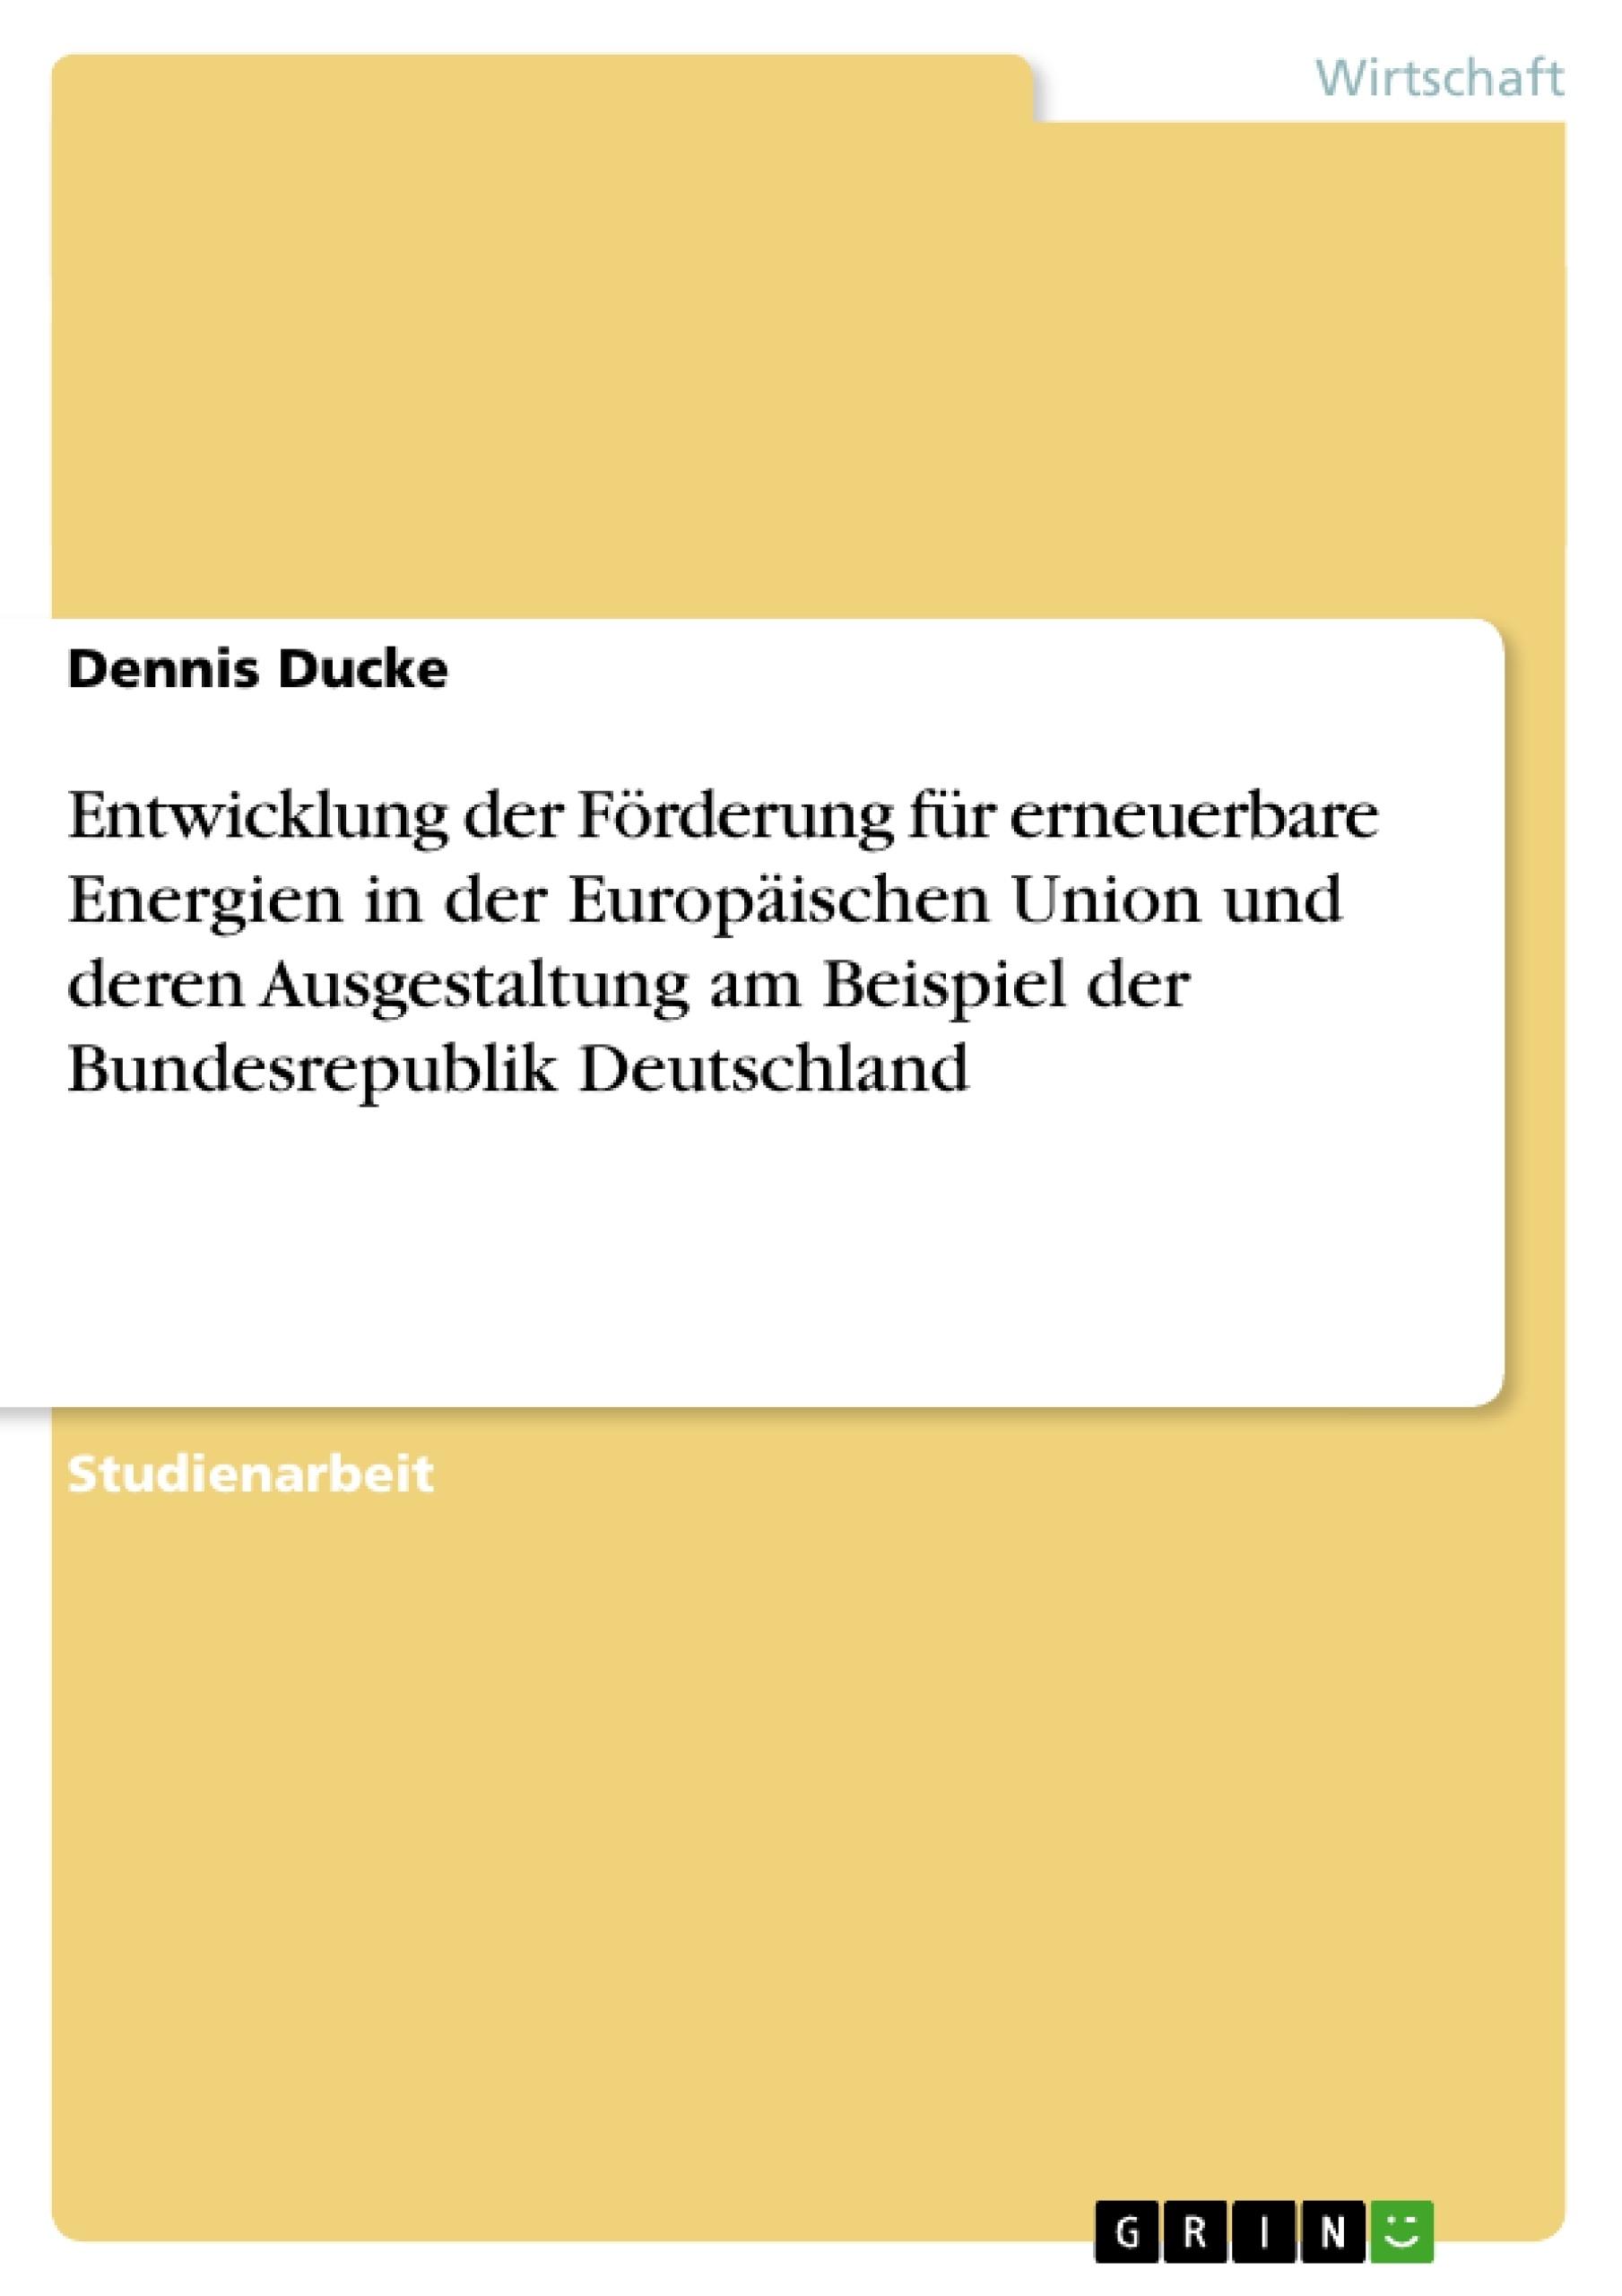 Titel: Entwicklung der Förderung für erneuerbare Energien in der Europäischen Union und deren Ausgestaltung am Beispiel der Bundesrepublik Deutschland